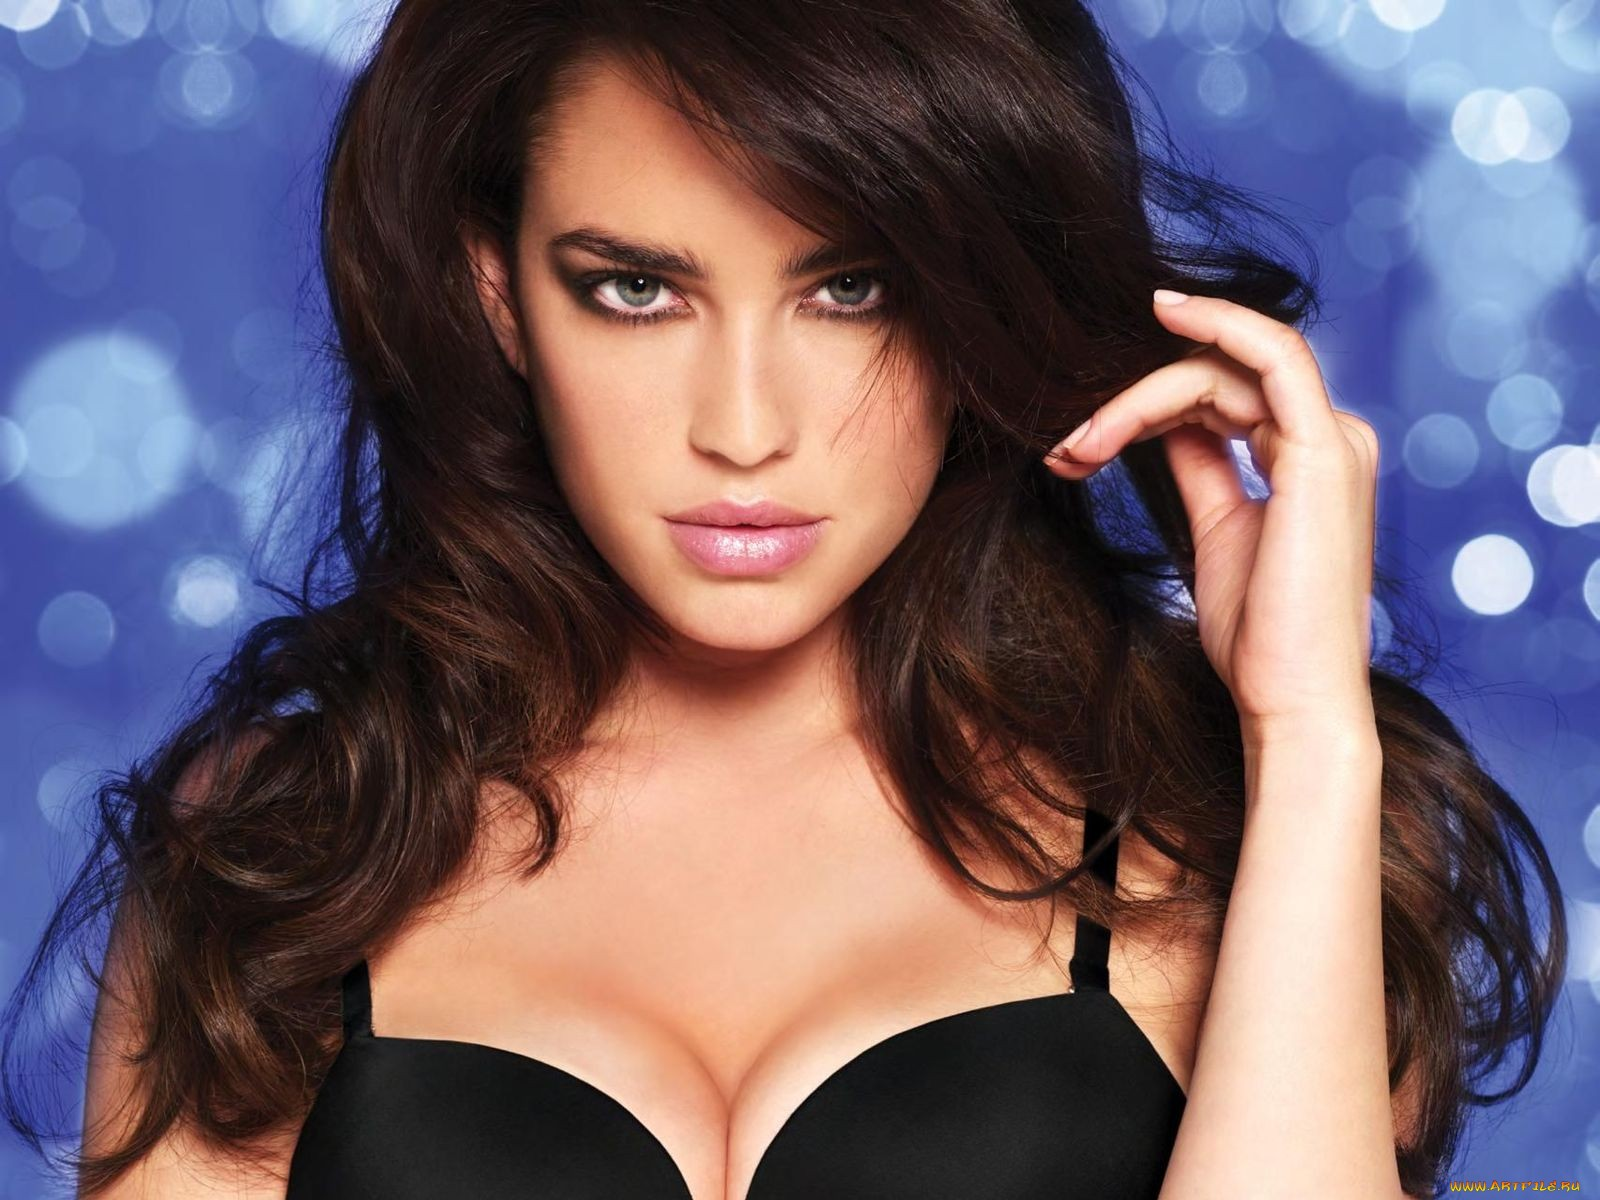 Порно нюши скачать бесплатно - Онлайн 18+ для настоящих поклонников секса